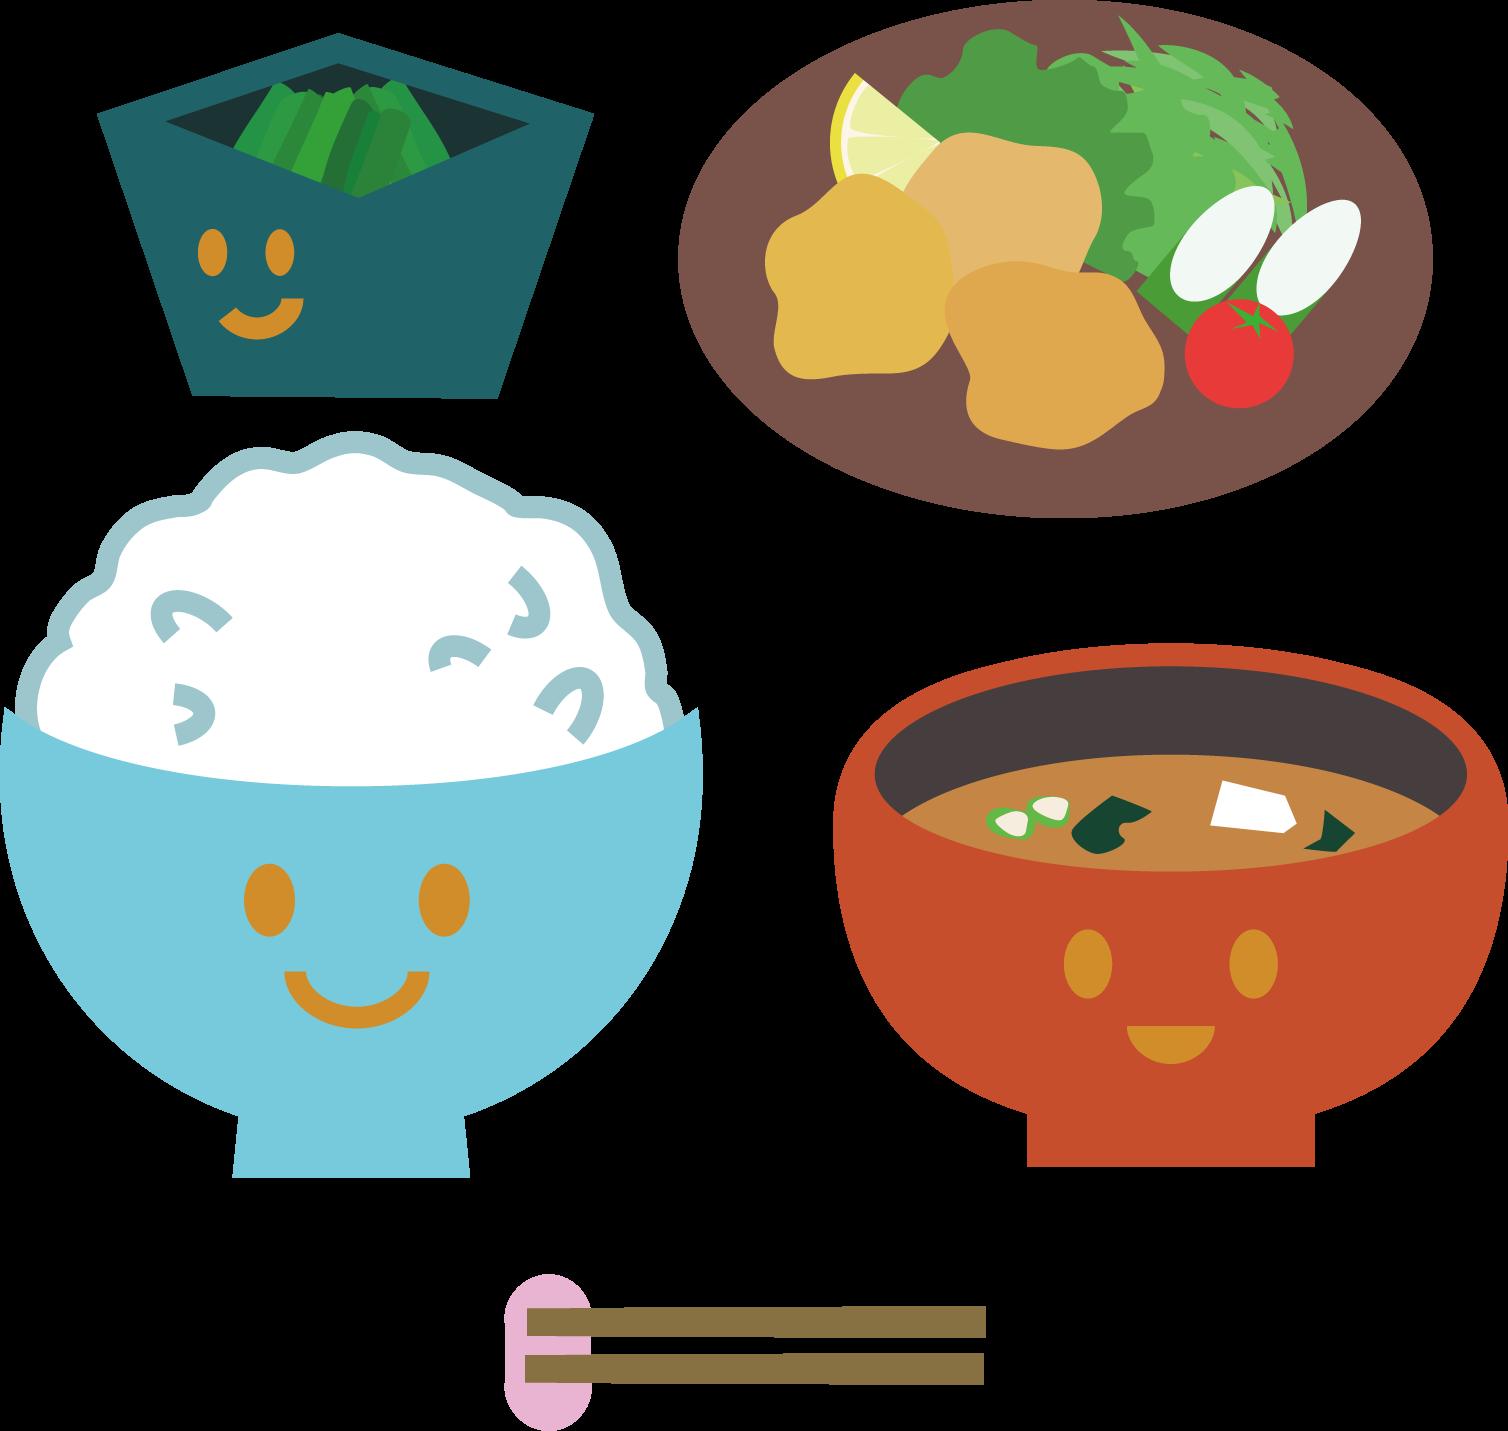 食事イラスト / 食べる・いただきます素材に | 可愛い無料イラスト素材集